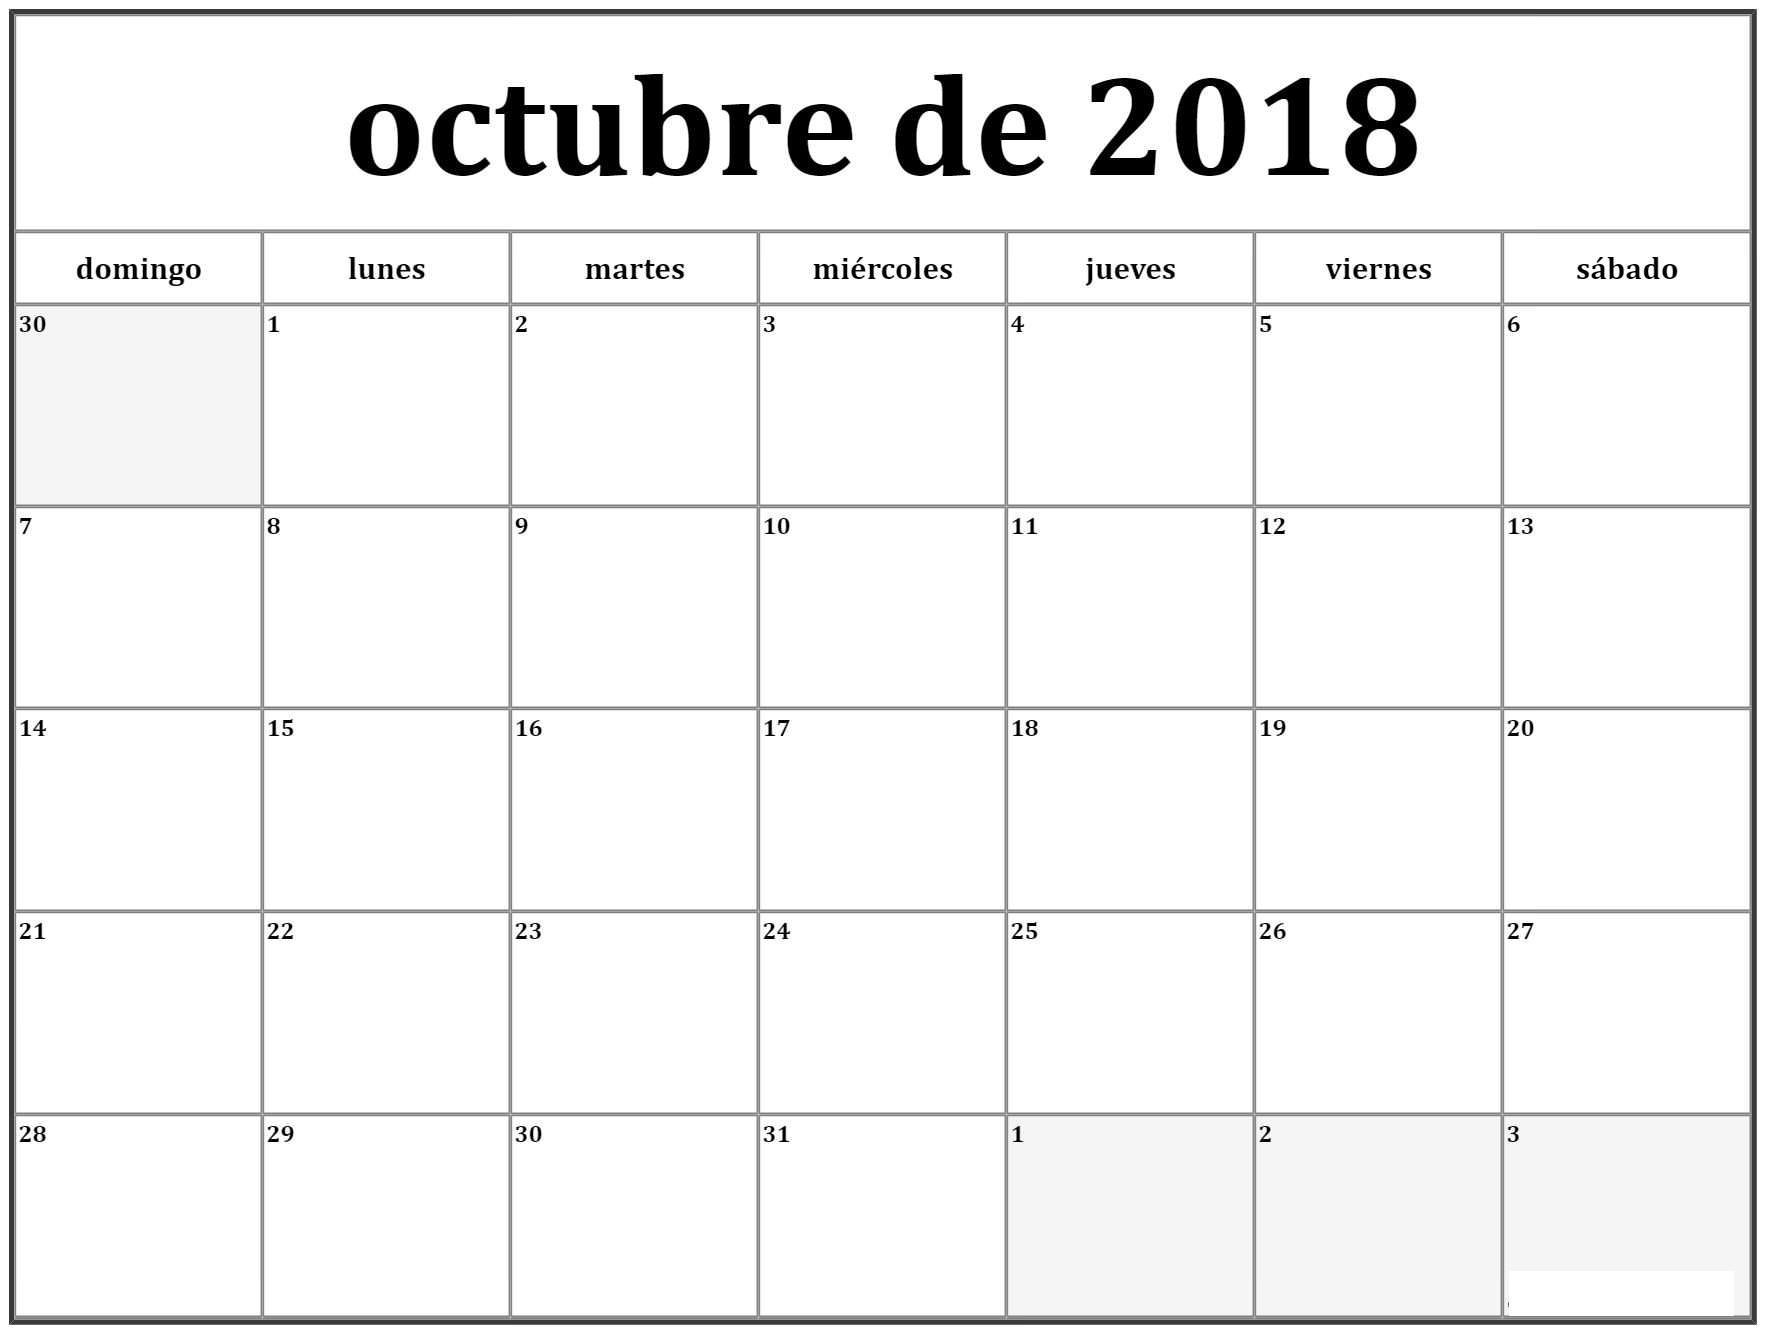 Septiembre 2019 para Imprimir Calendario Octubre 2017 Mes noviembre 2018 descarga Octubre Calendario 2018 Argentina Dise±o Calendario Octubre 2018